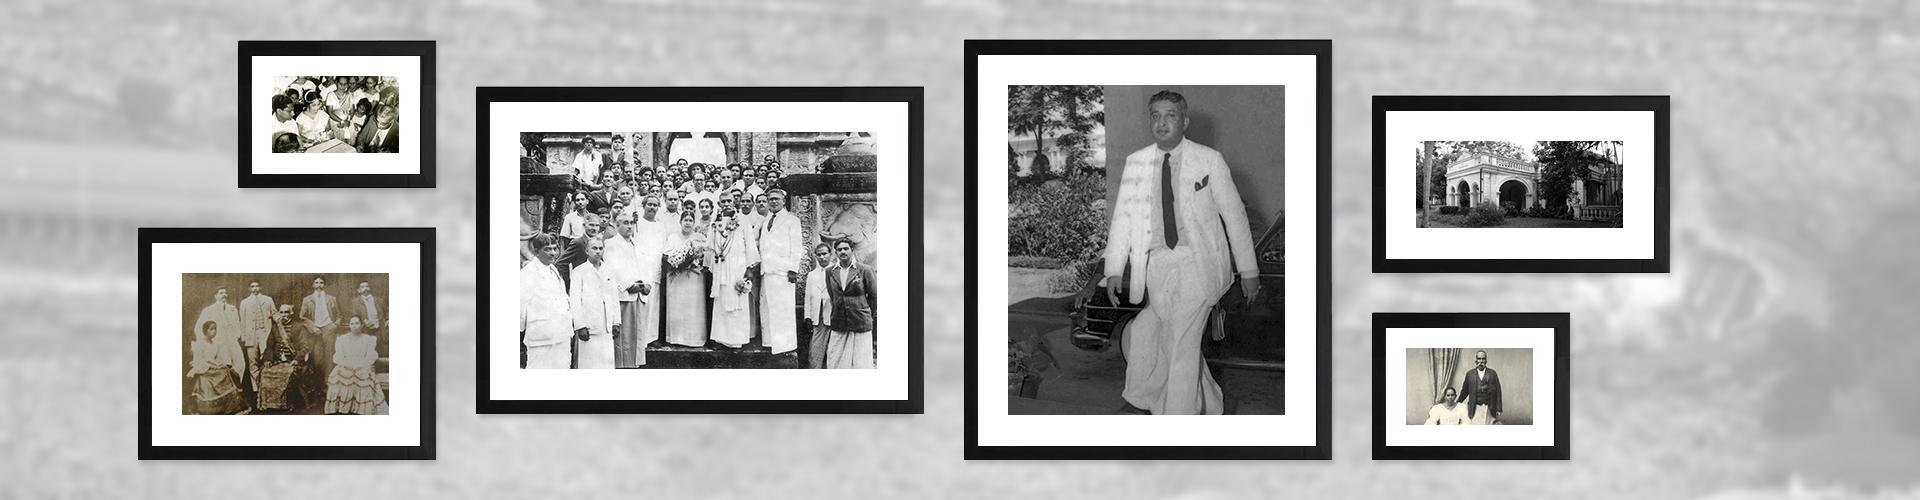 Senanayake family-legacy